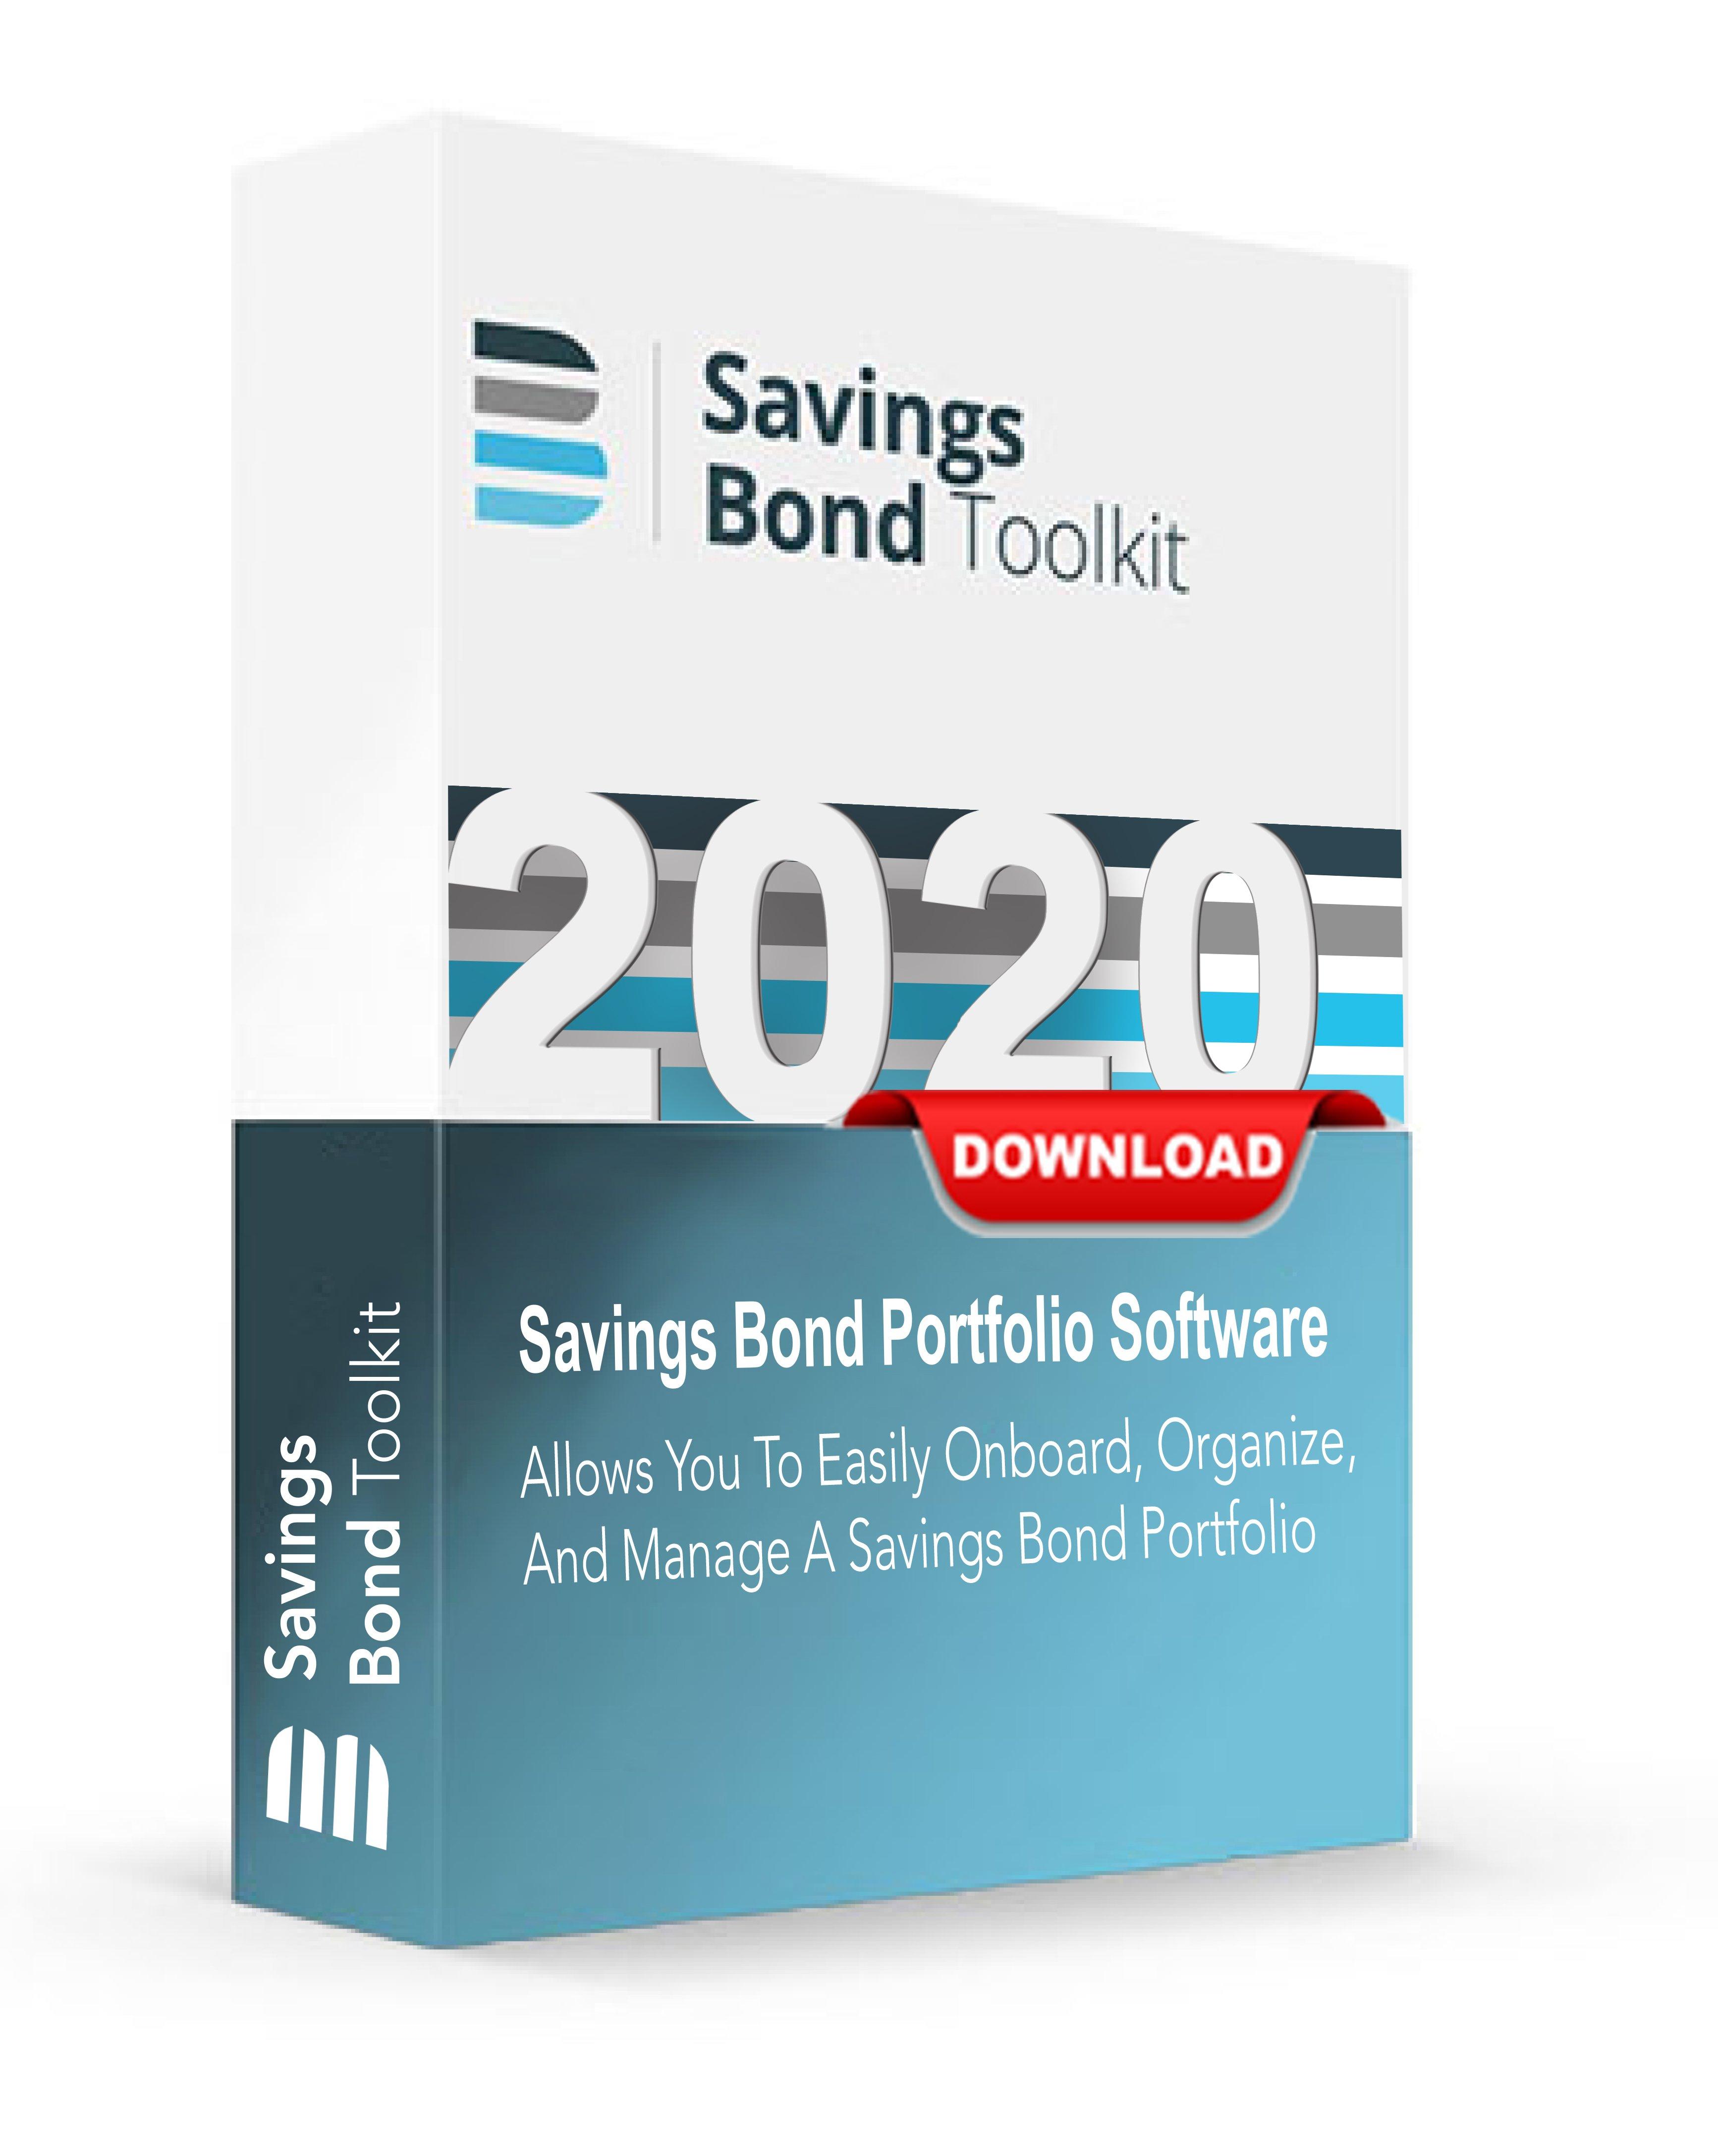 Savings Bond Toolkit 2020